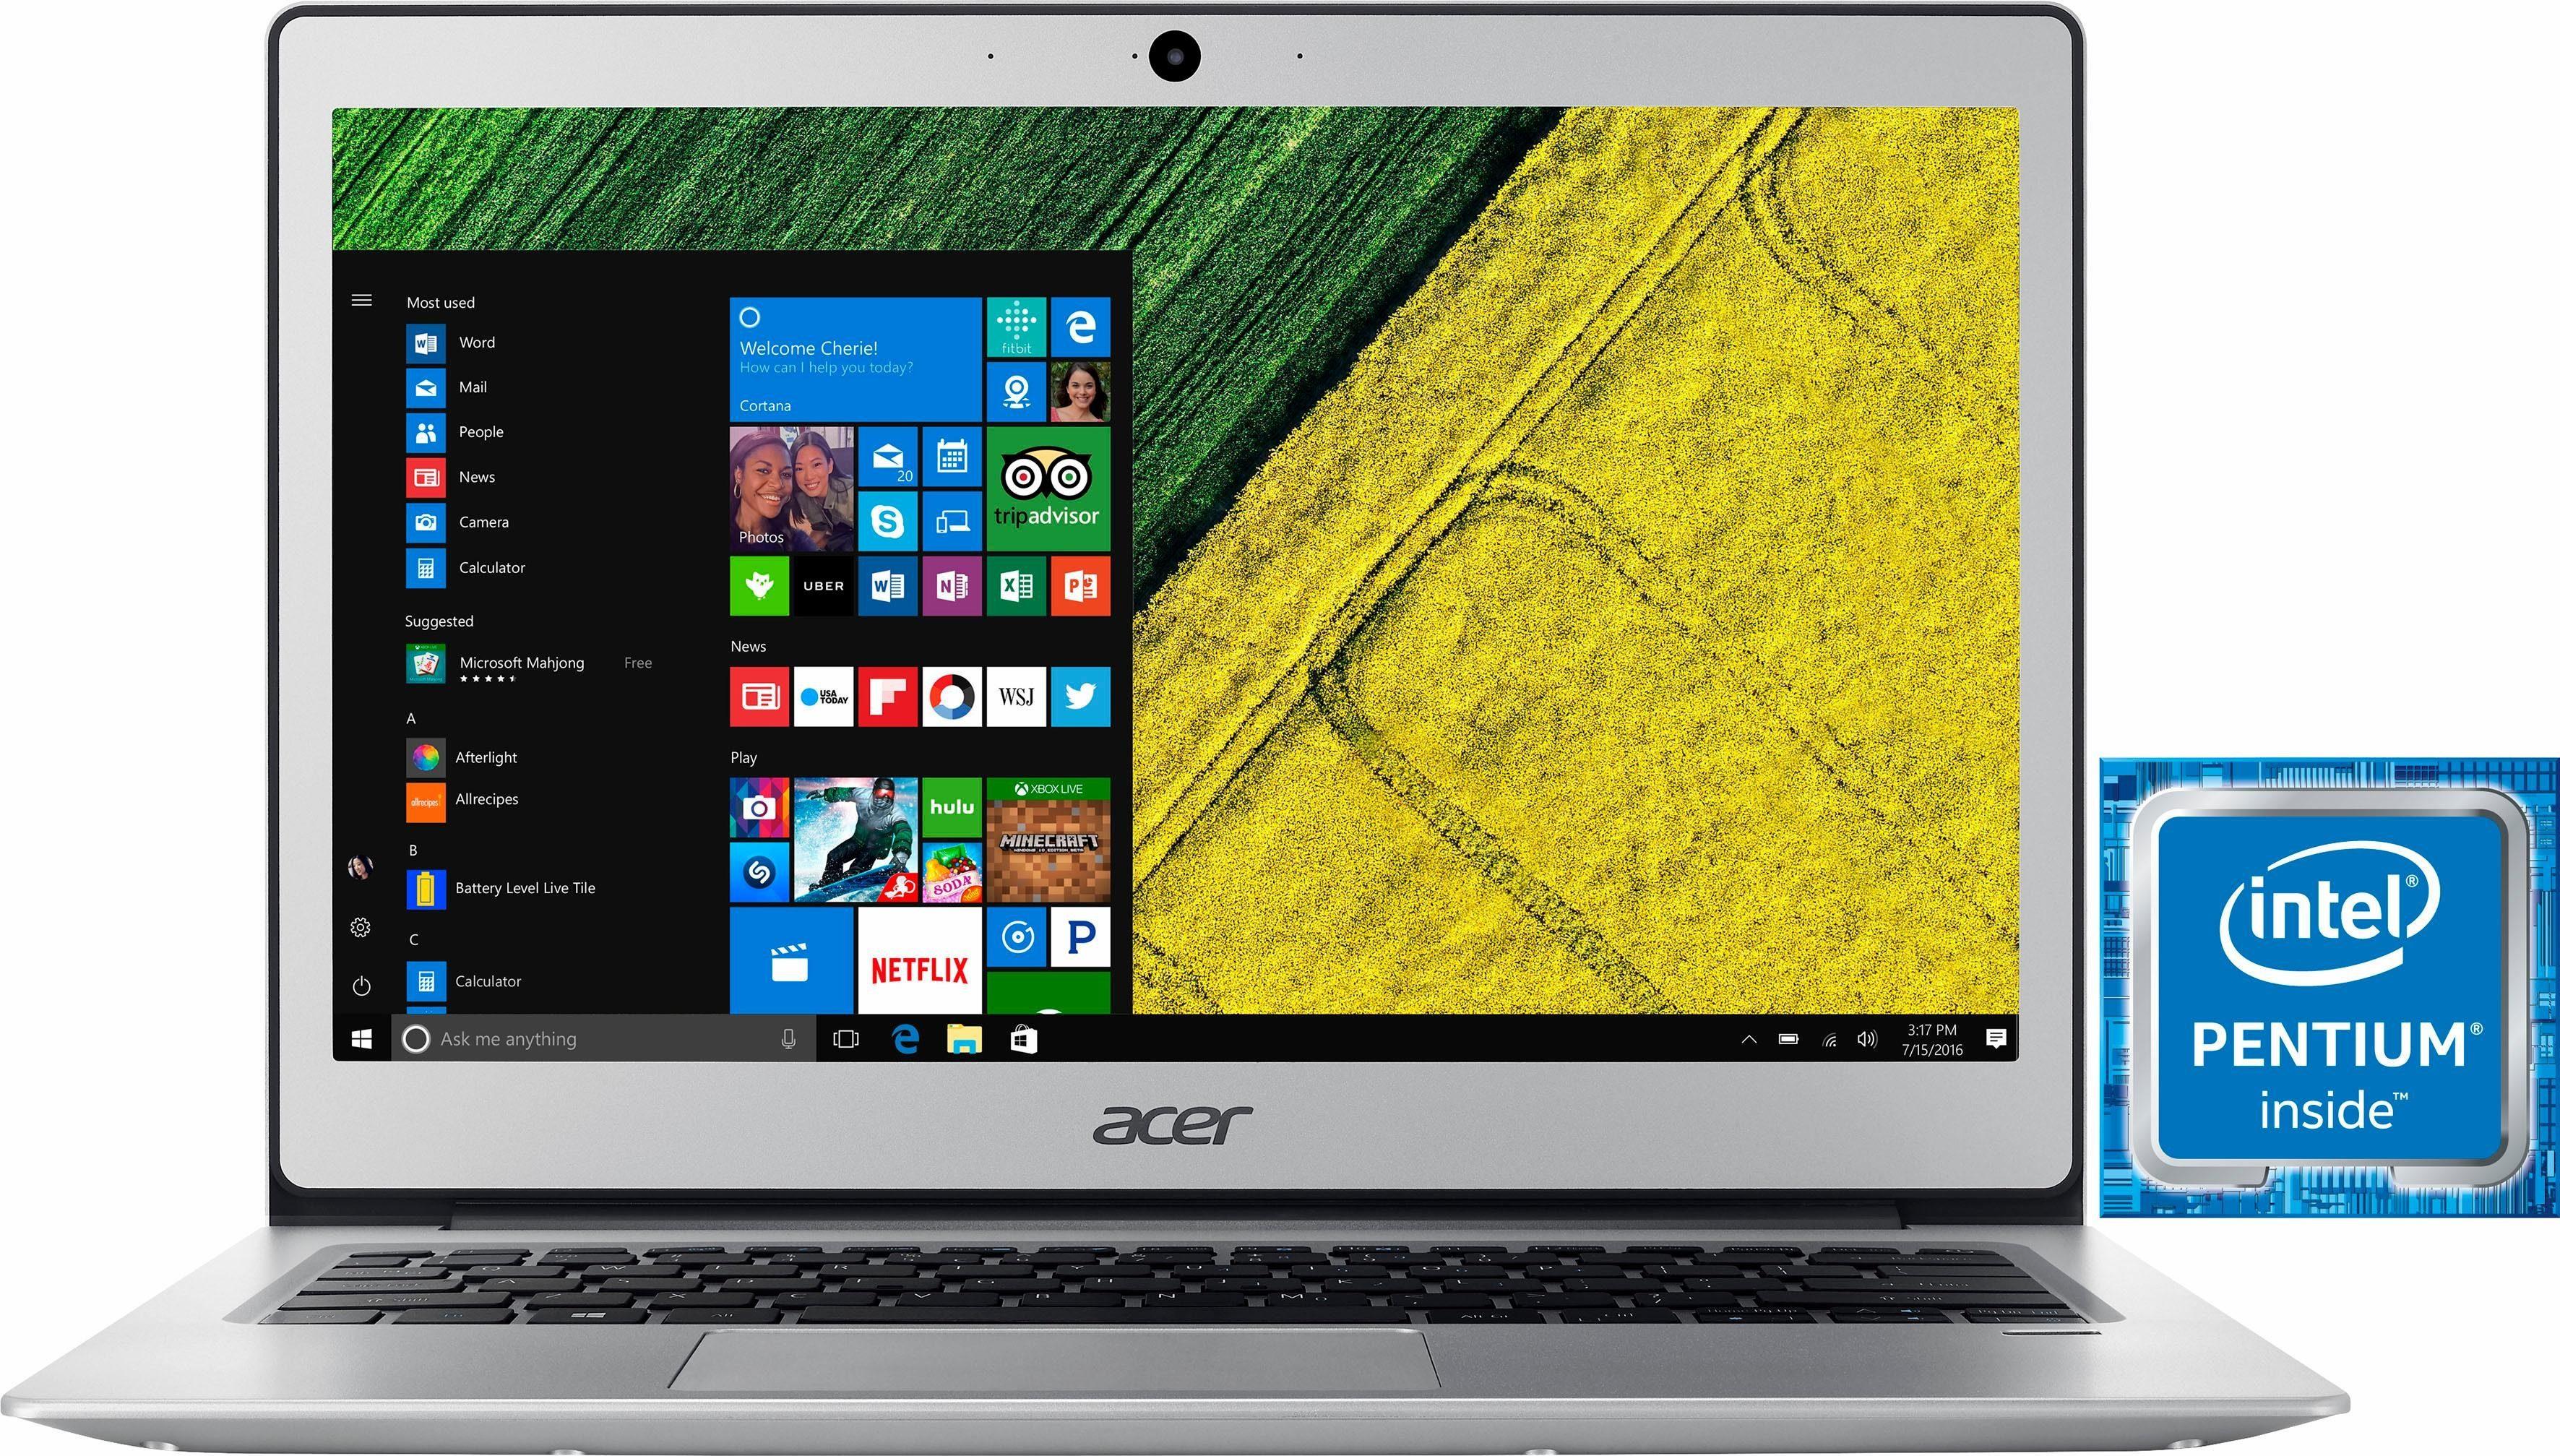 Acer Swift 1 Notebook (33,8 cm/13,3 Zoll, Intel Pentium, HD Graphics 505, Fingerprint Reader)